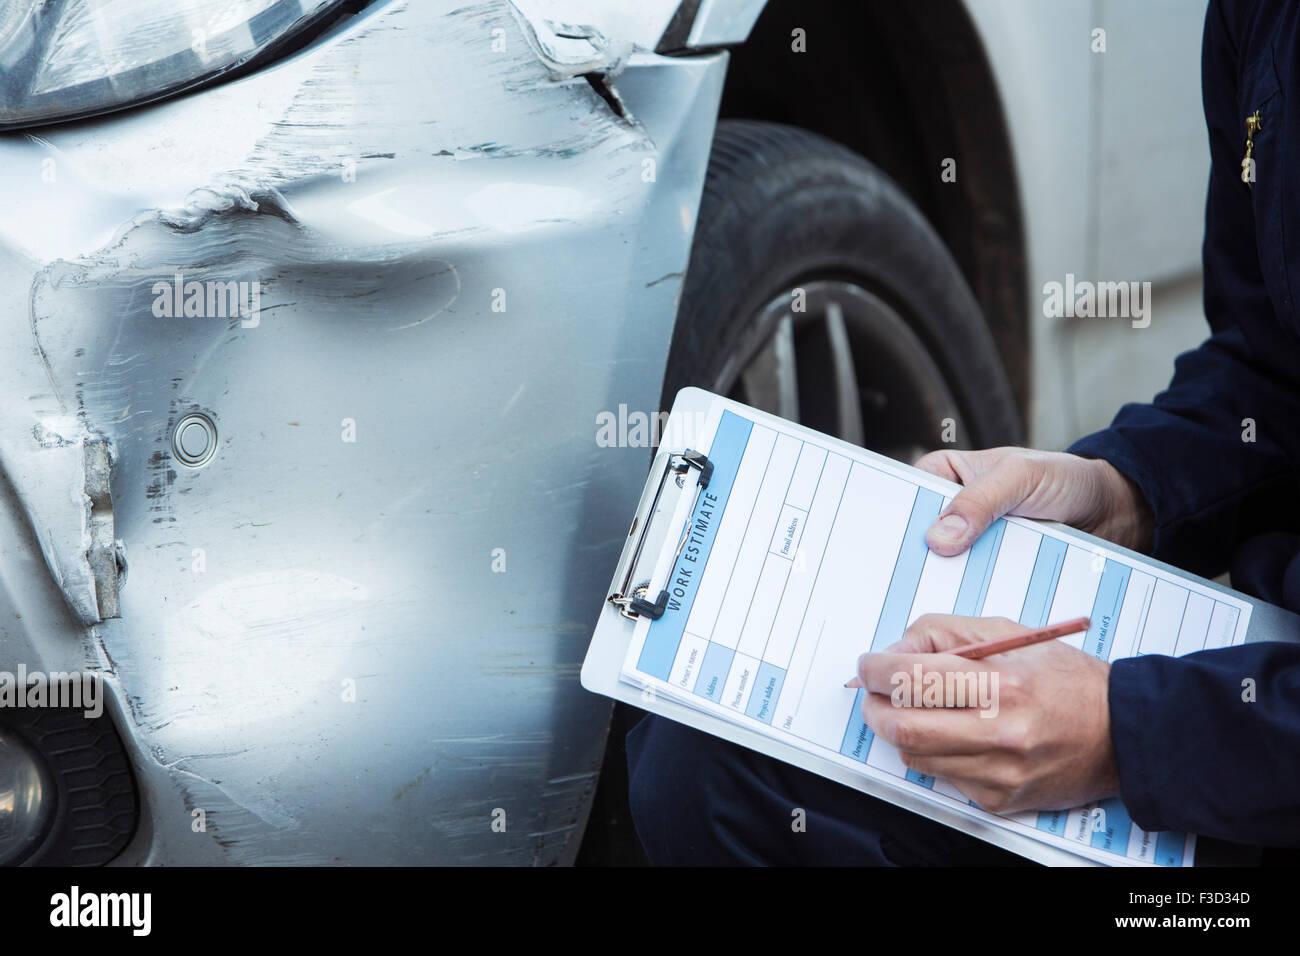 Automechaniker Workshop Inspektion Schäden An Fahrzeug Und Reparatur